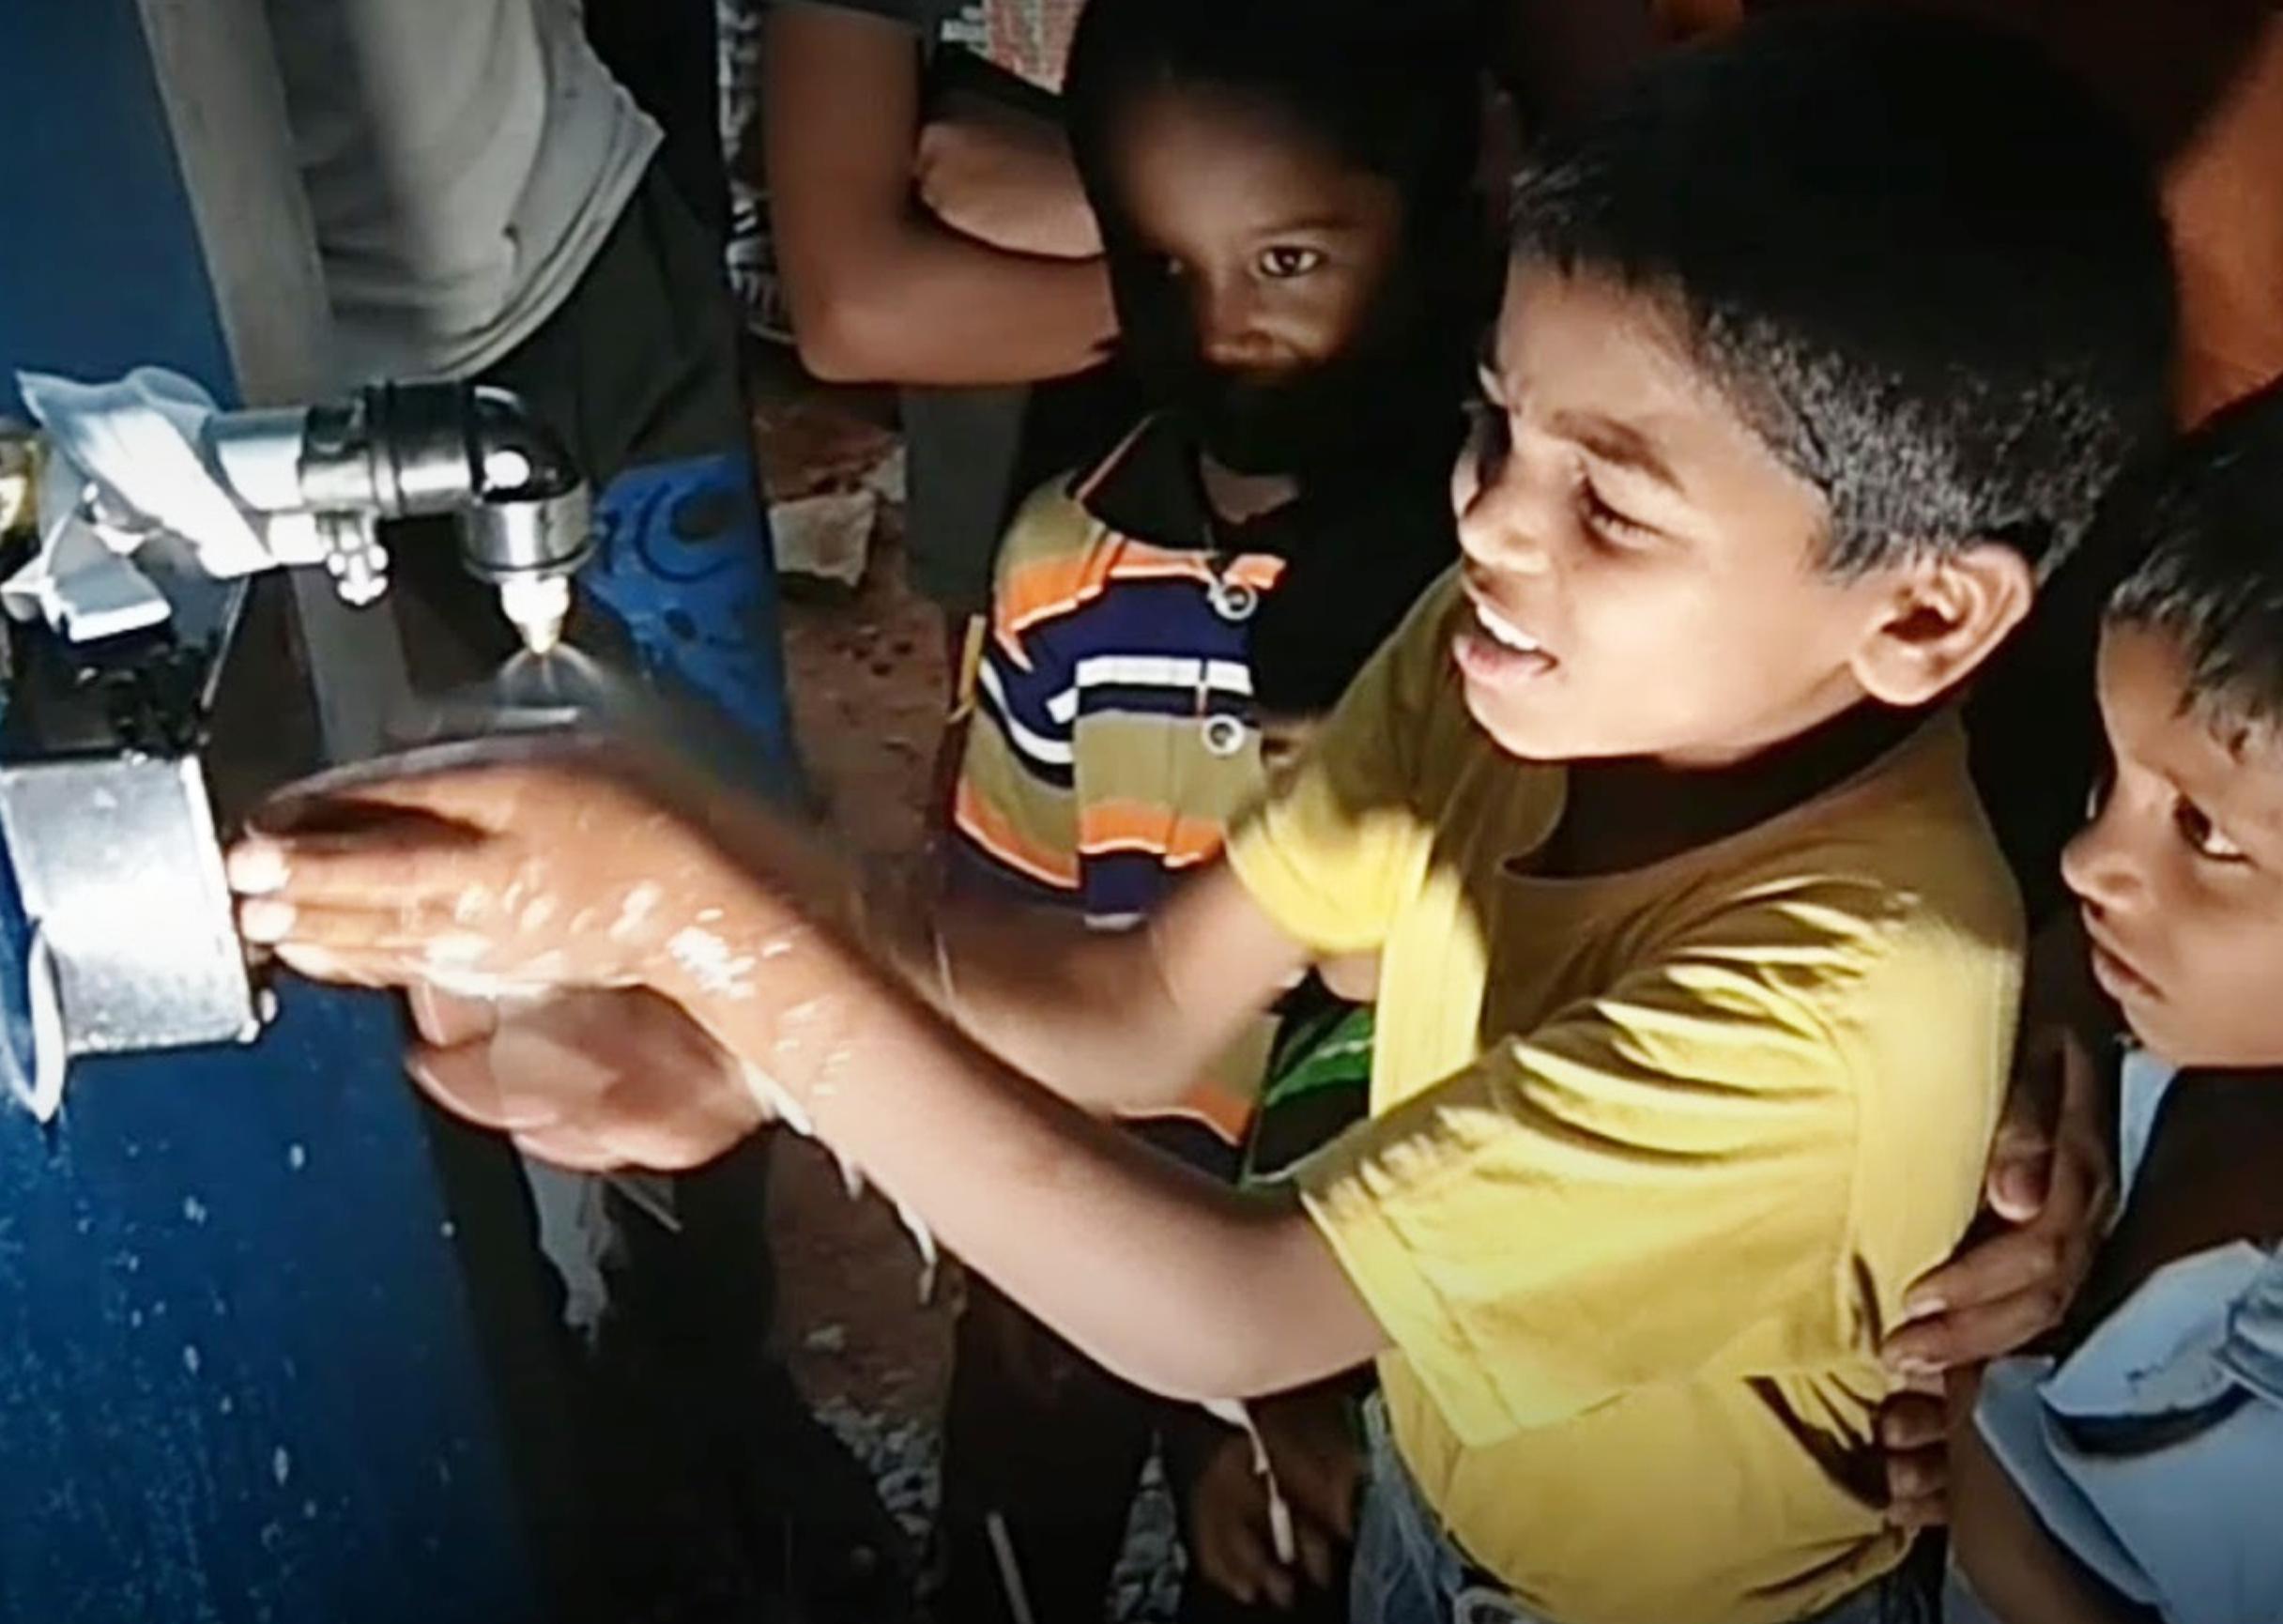 Indian children using 8200 IMPACT Alumnus Soapy machine